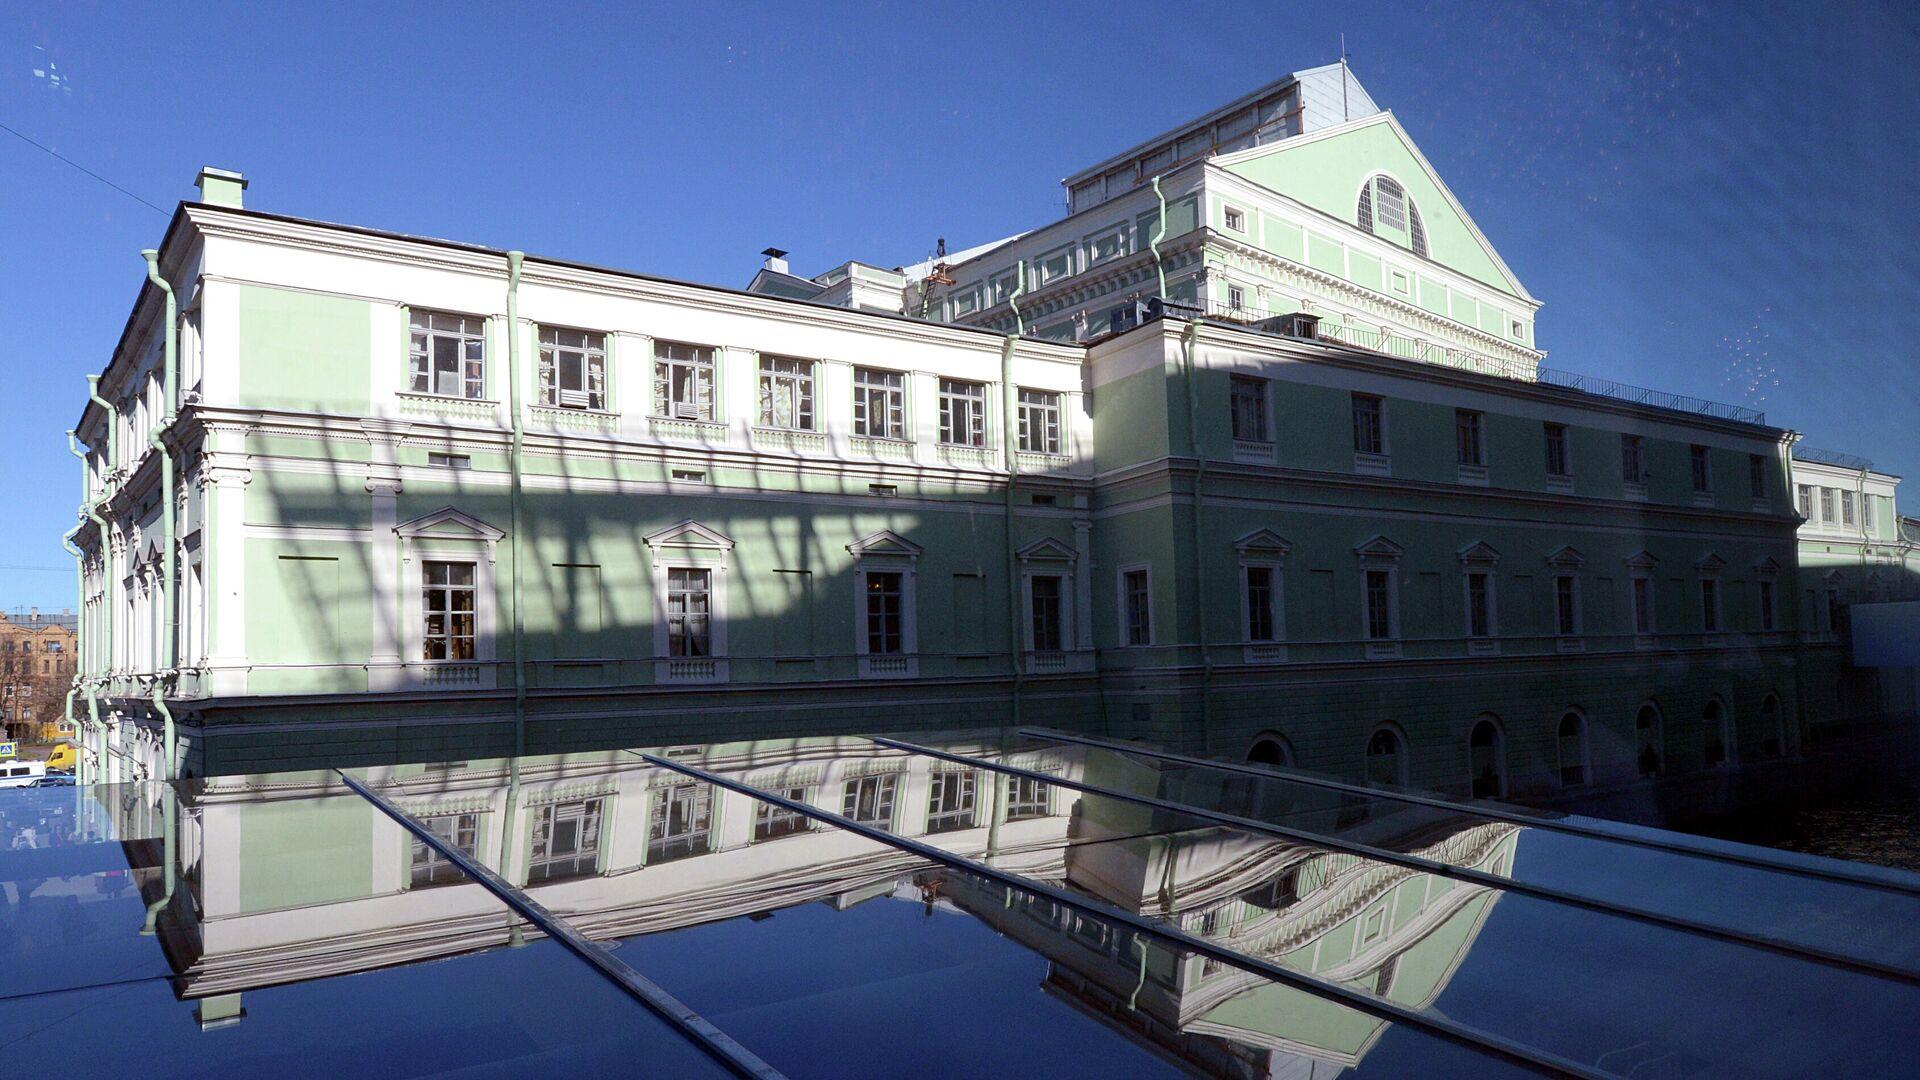 Вид на главное здание Государственного академического Мариинского театра из окна Второй сцены - РИА Новости, 1920, 06.09.2020